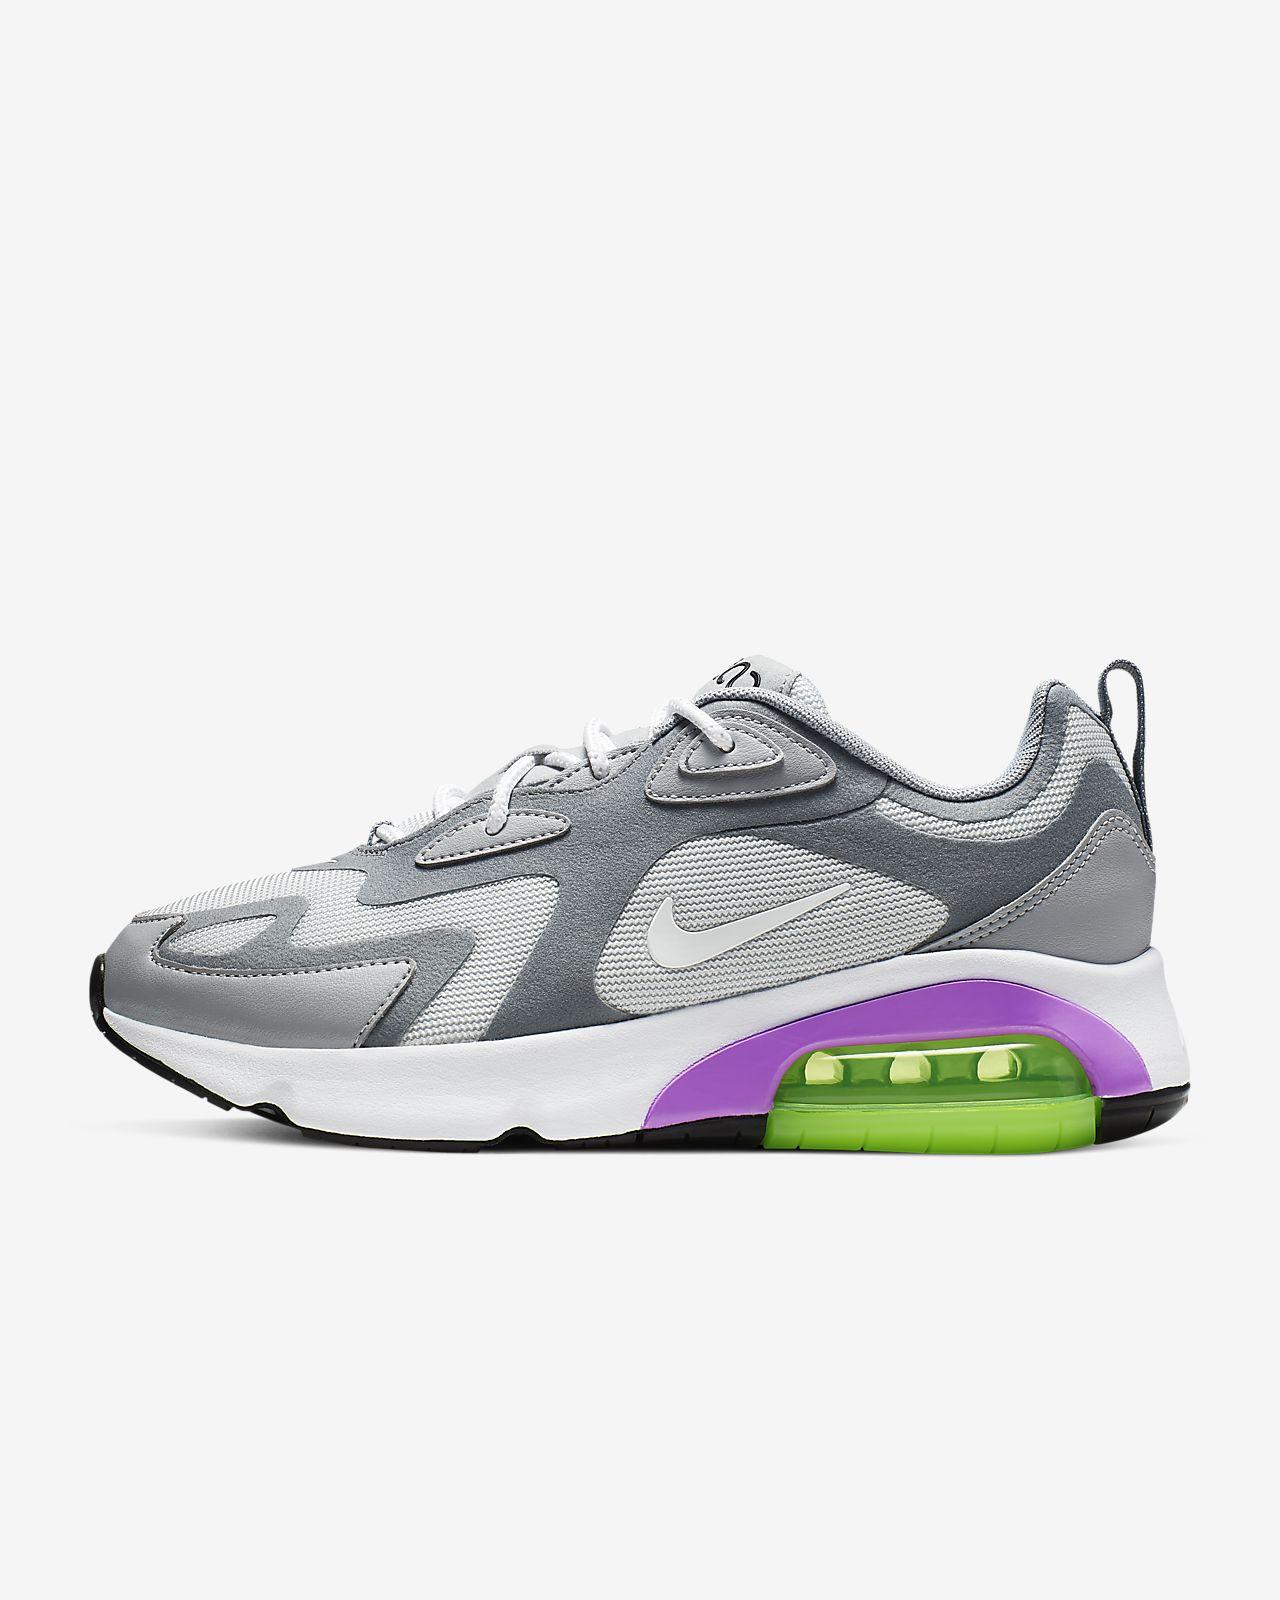 Sko Nike Air Max 200 för kvinnor